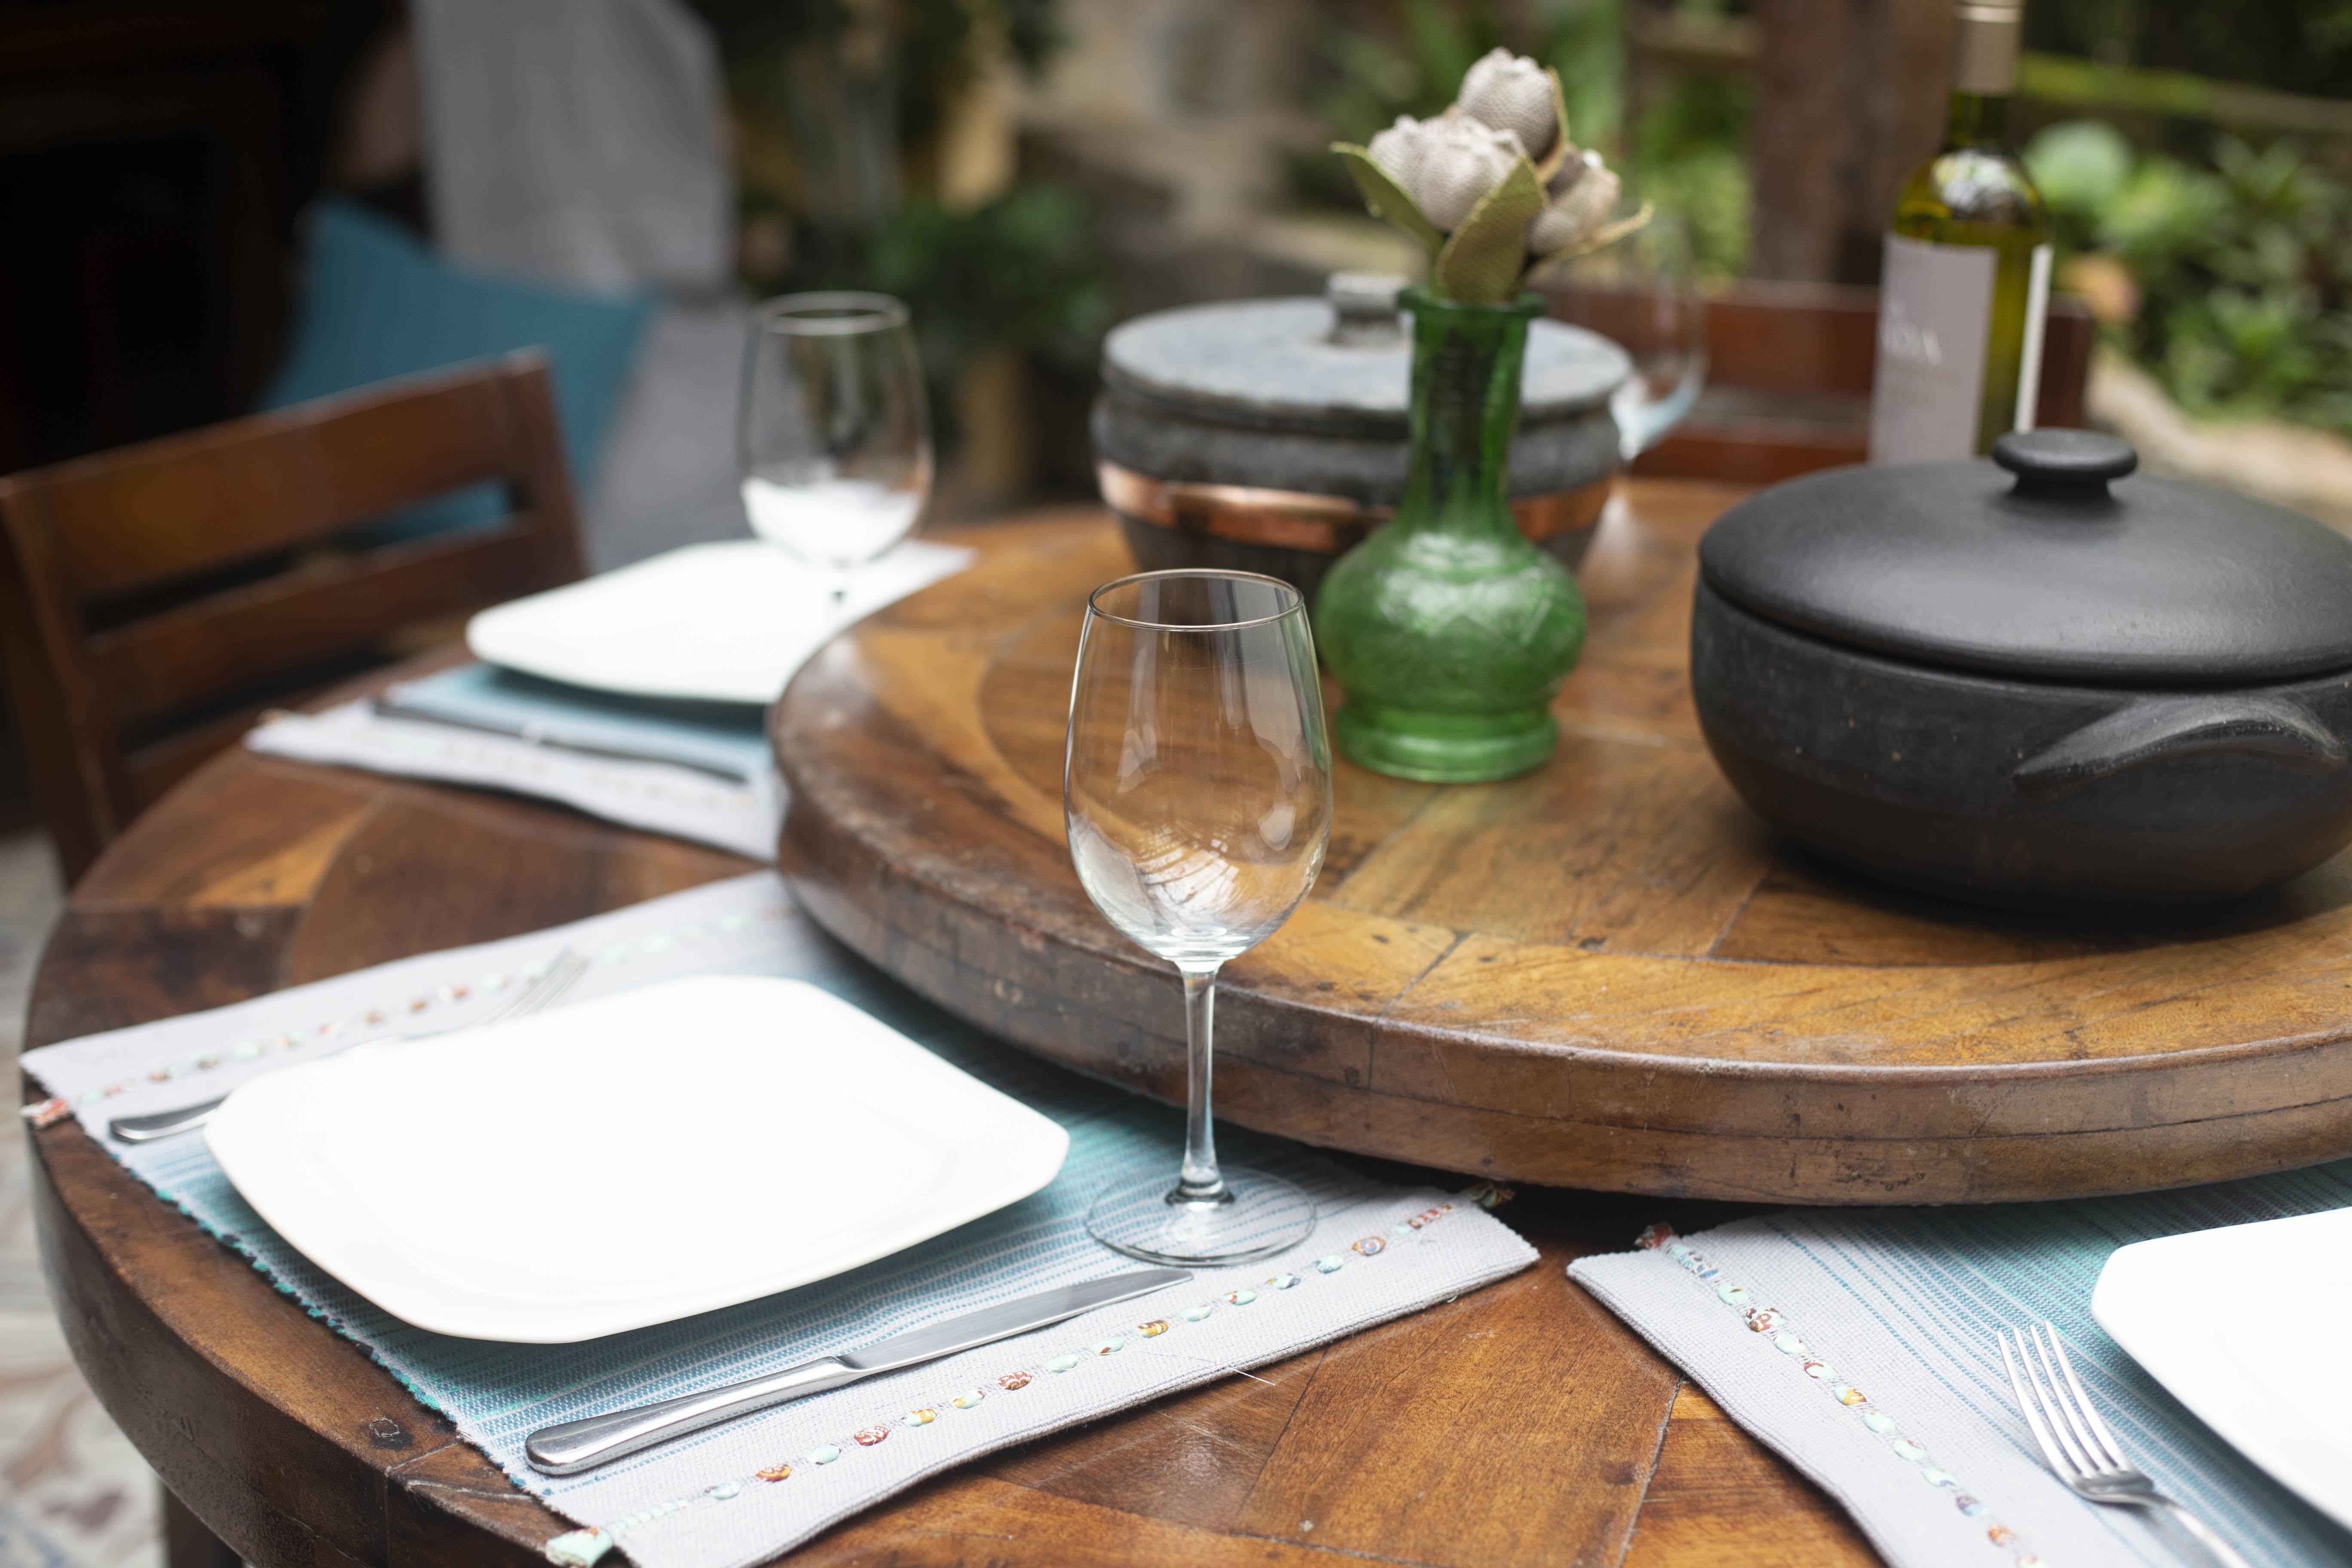 Foto d'estoc gratuïta de ampolla de vi, articles de vidre, cadires, concentrar-se